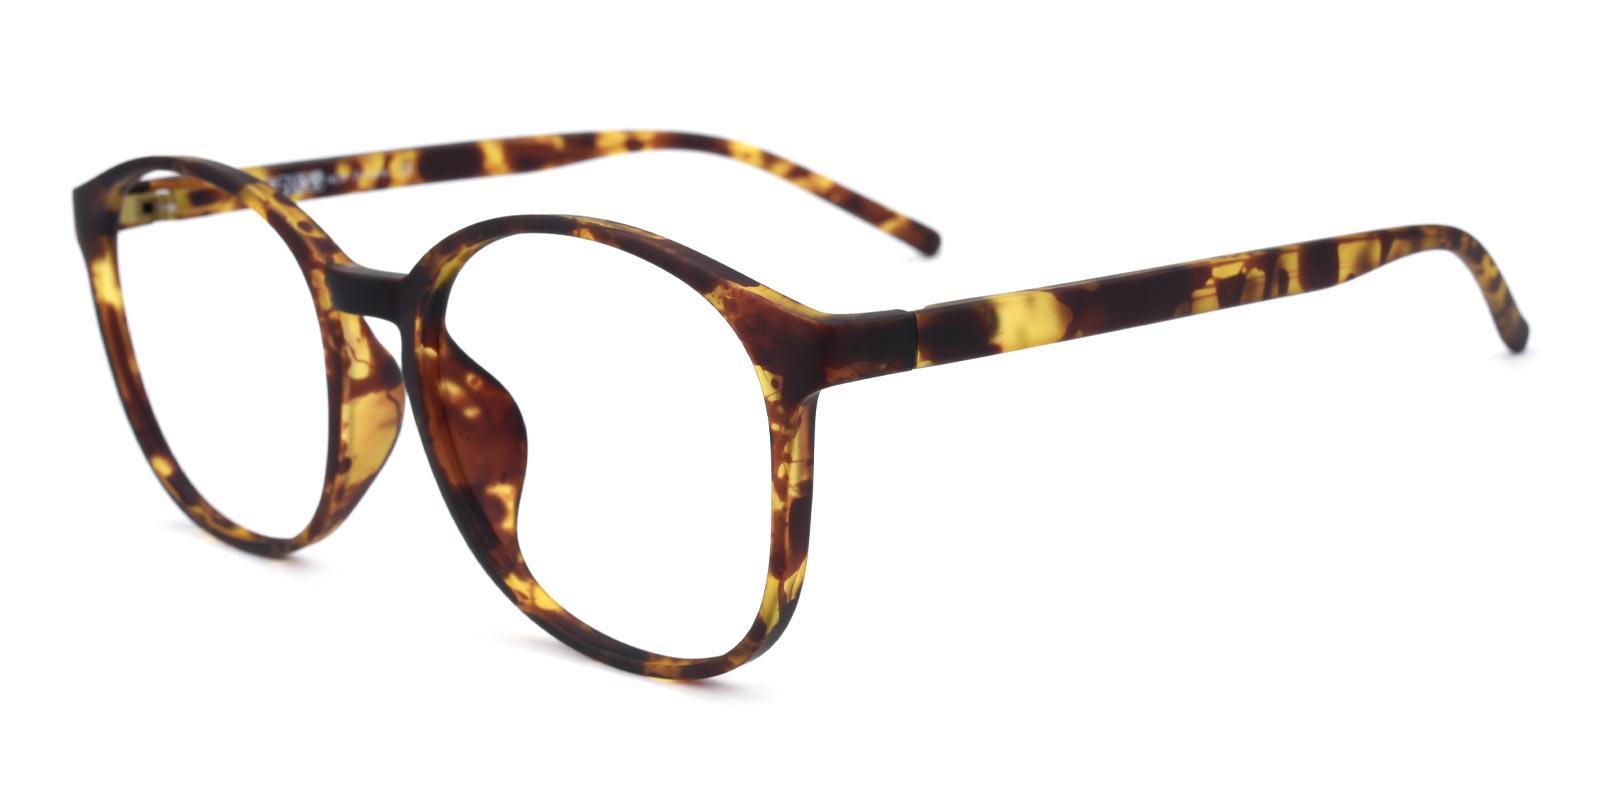 Kolins-Leopard-Square-TR-Eyeglasses-additional1